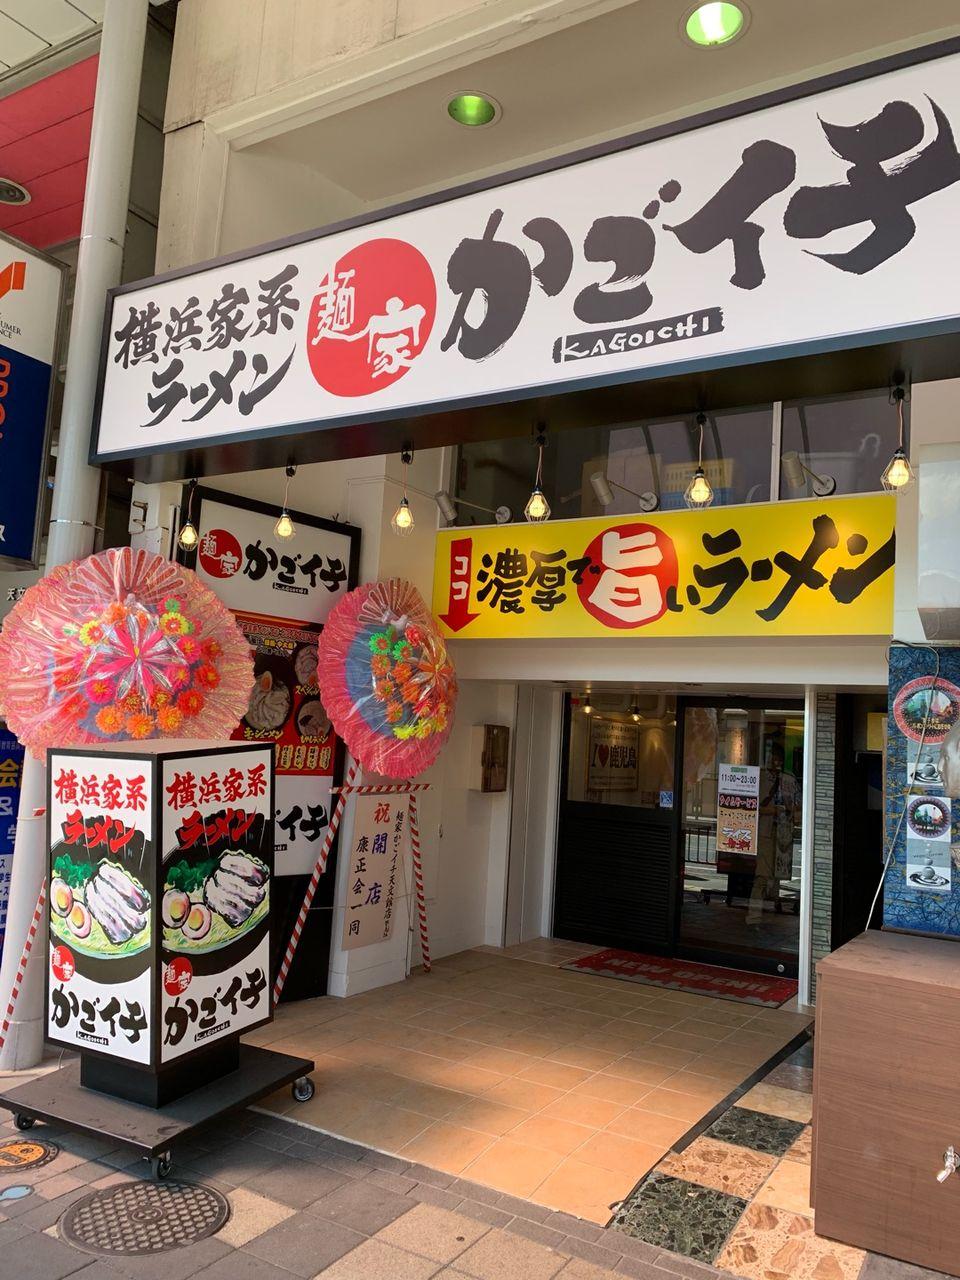 横浜家系ラーメン 麺屋かごイチ